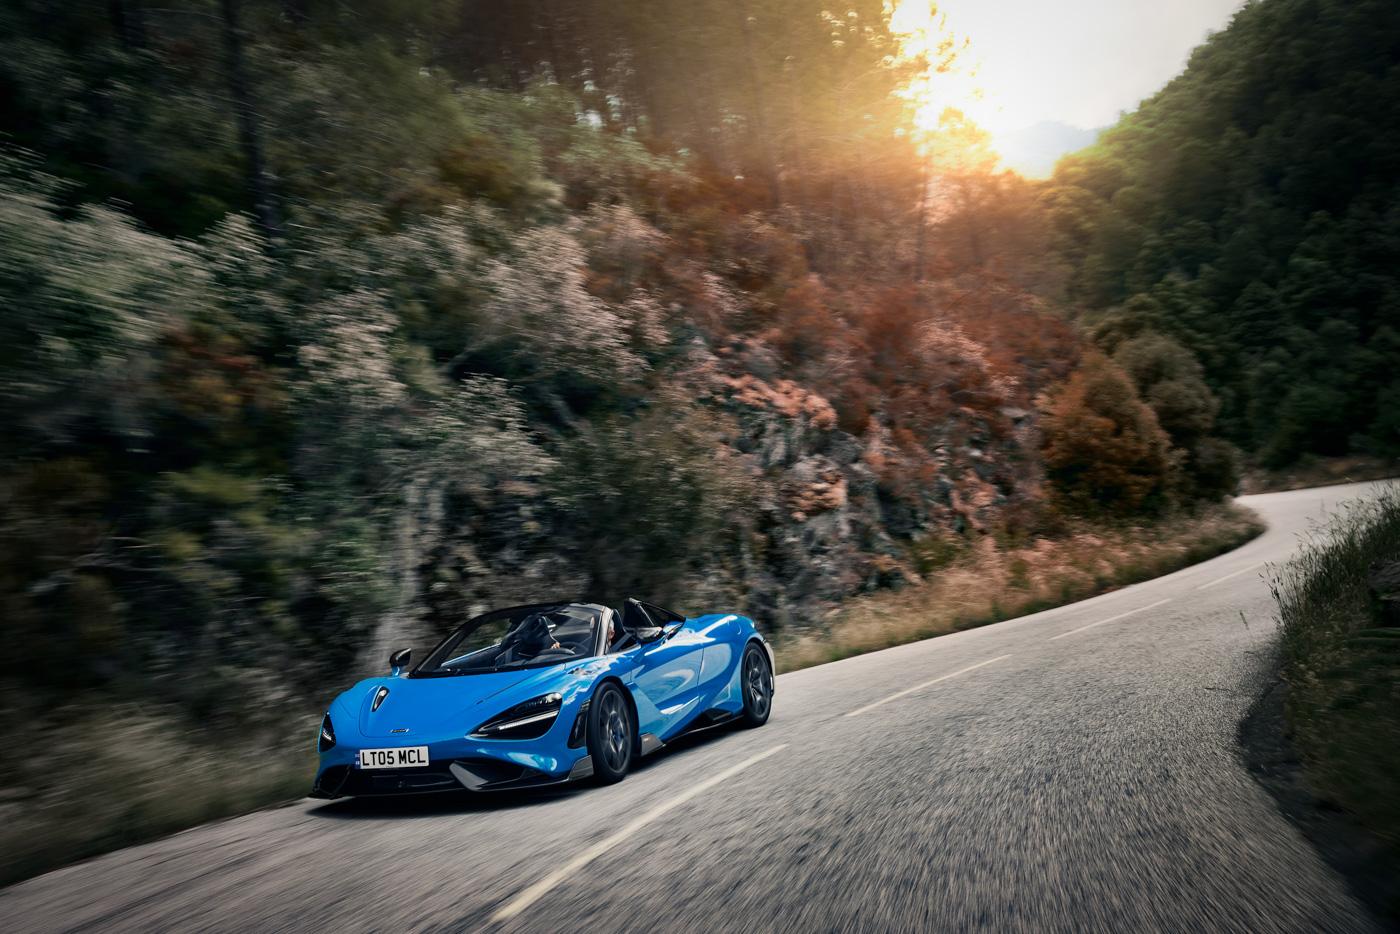 McLaren-765-LT-Spider-siêu-xe-mui-trần-hiệu-năng-cao-dẫn-đầu-phân-khúc-7.jpg